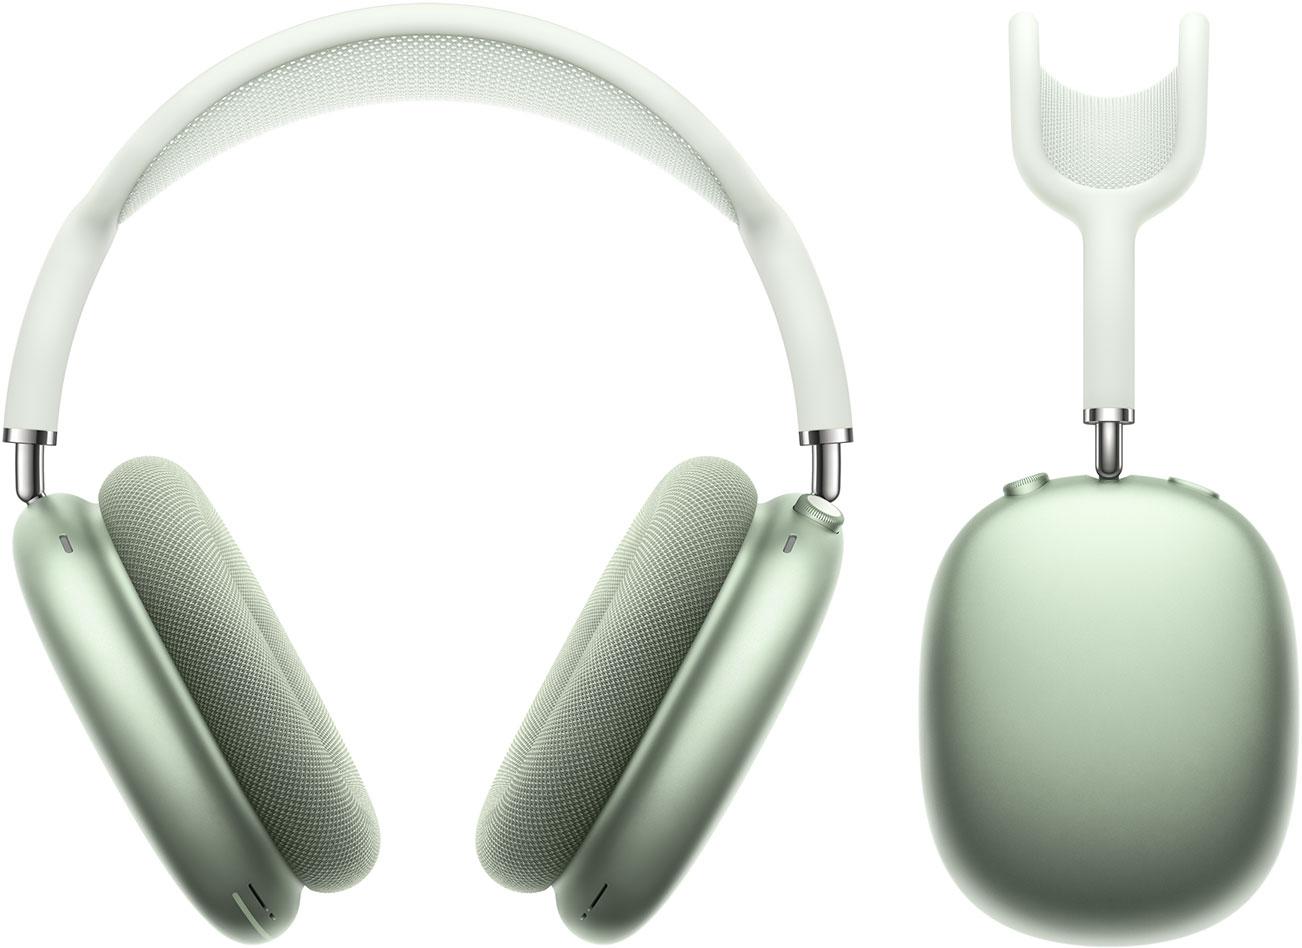 ❋≗ชุดหูฟังสำหรับเล่นเกม[Spot] Apple/Apple AirPods Pro Max Wireless Bluetooth 3rd Generation Active Noise Reduction Heads